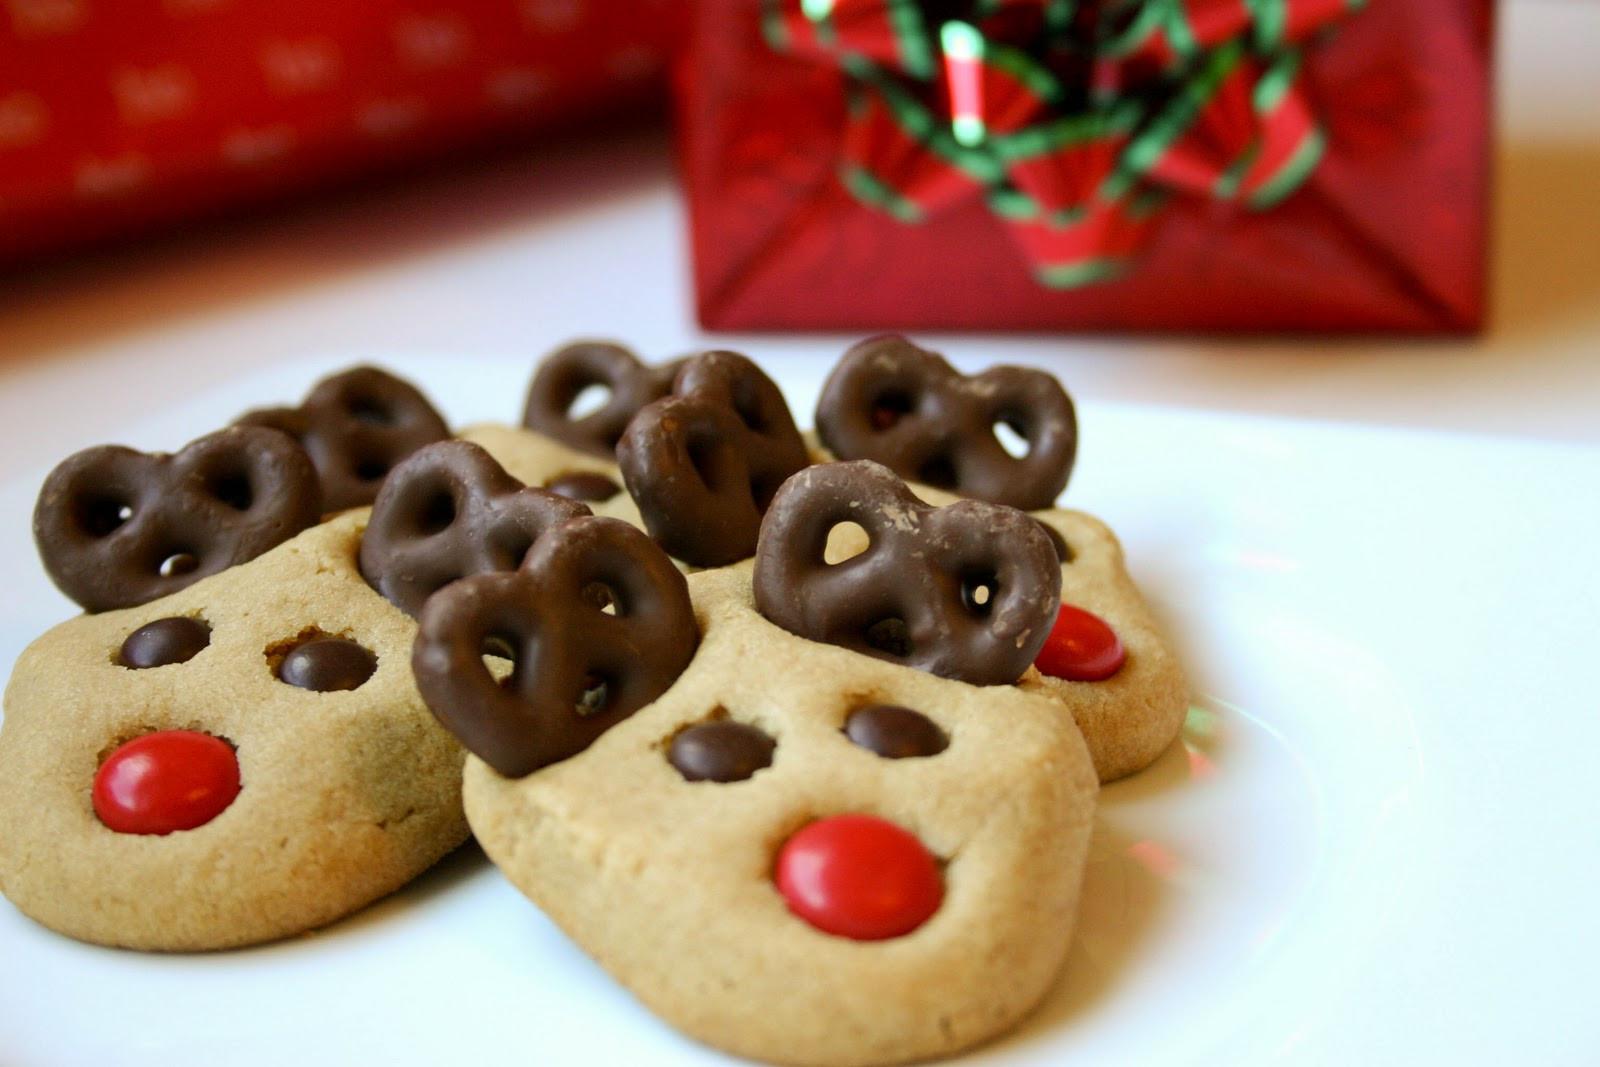 Cute Christmas Cookies Recipes  Reindeer Cookies Recipe